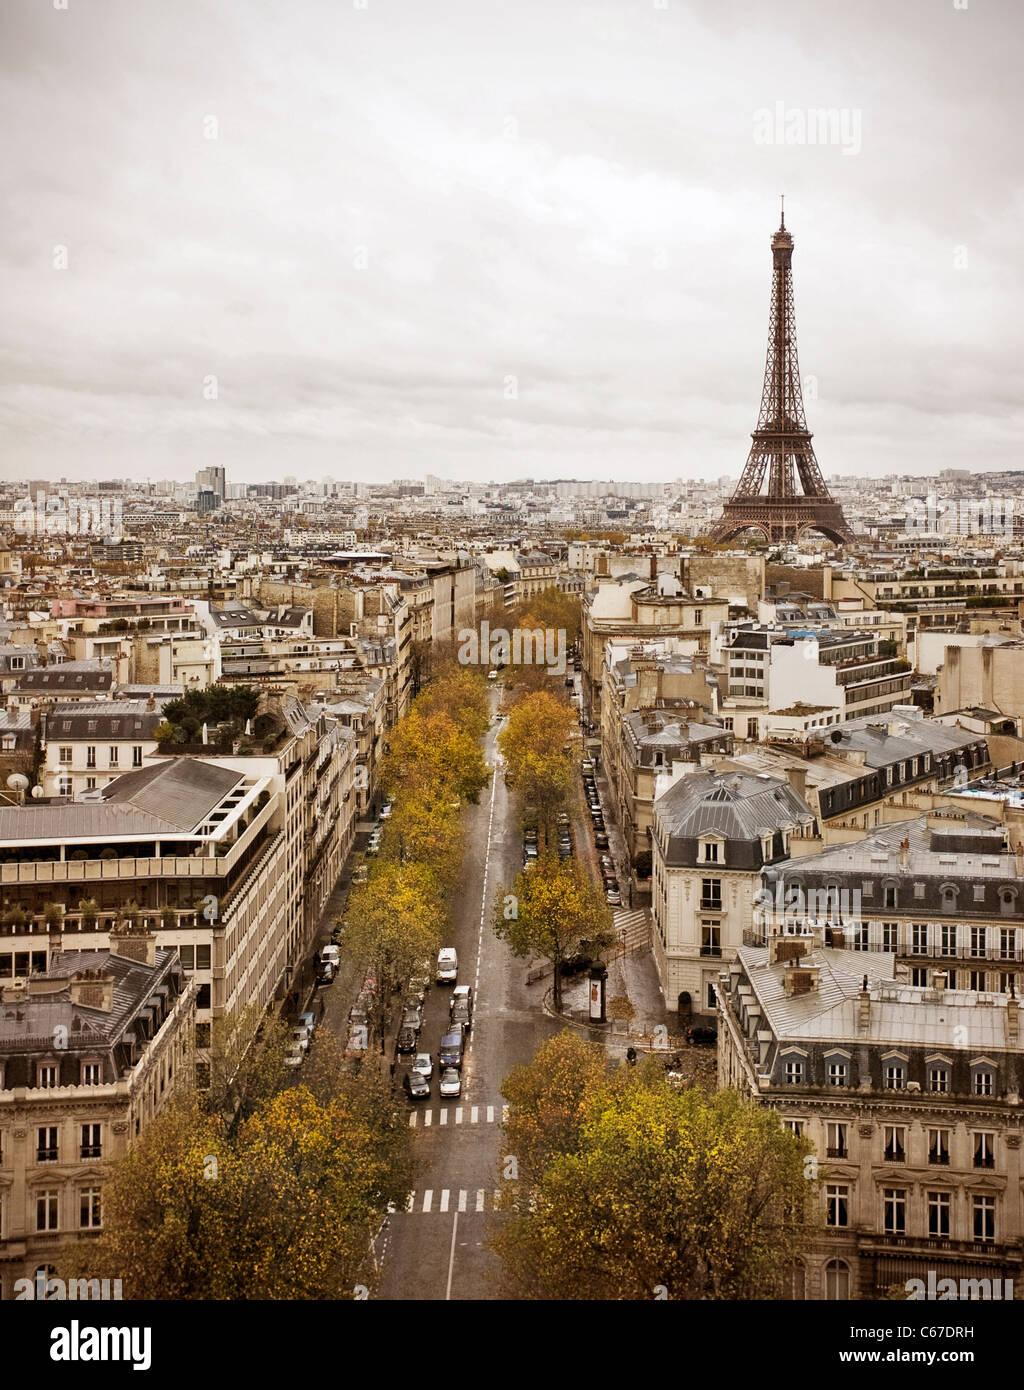 Lo skyline di Parigi con la Torre Eiffel. Immagini Stock